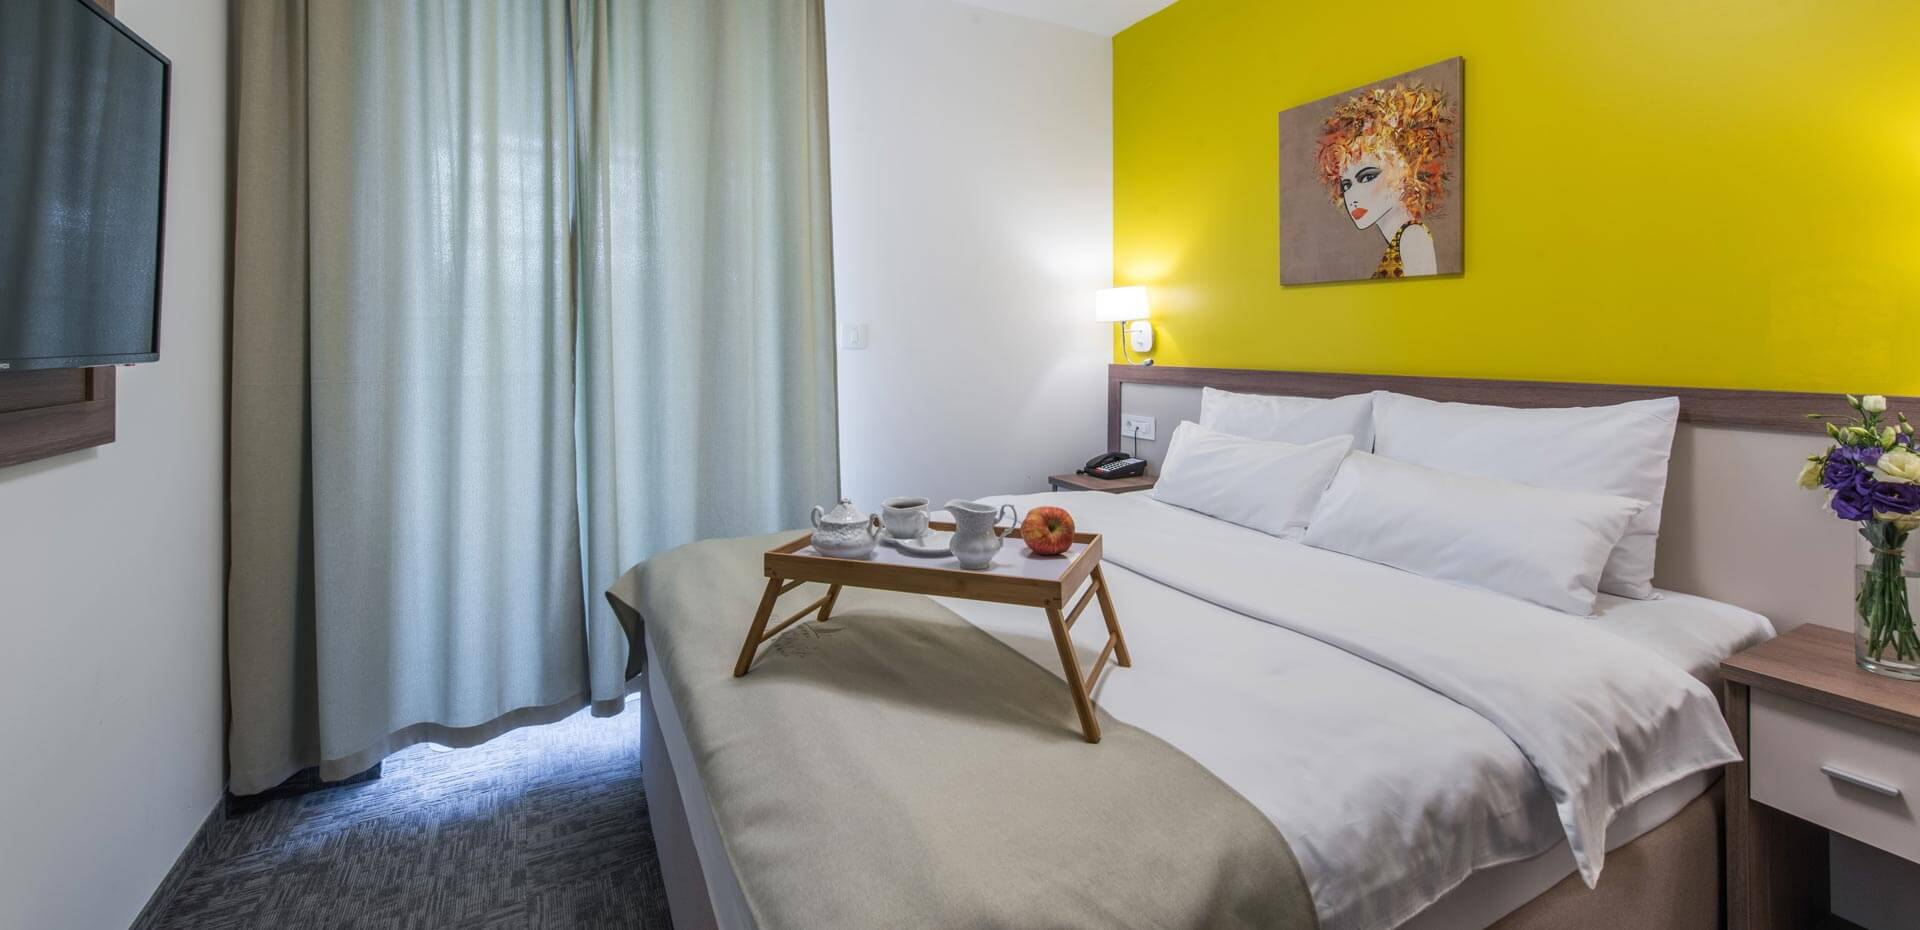 Jednosobni apartman sa terasom